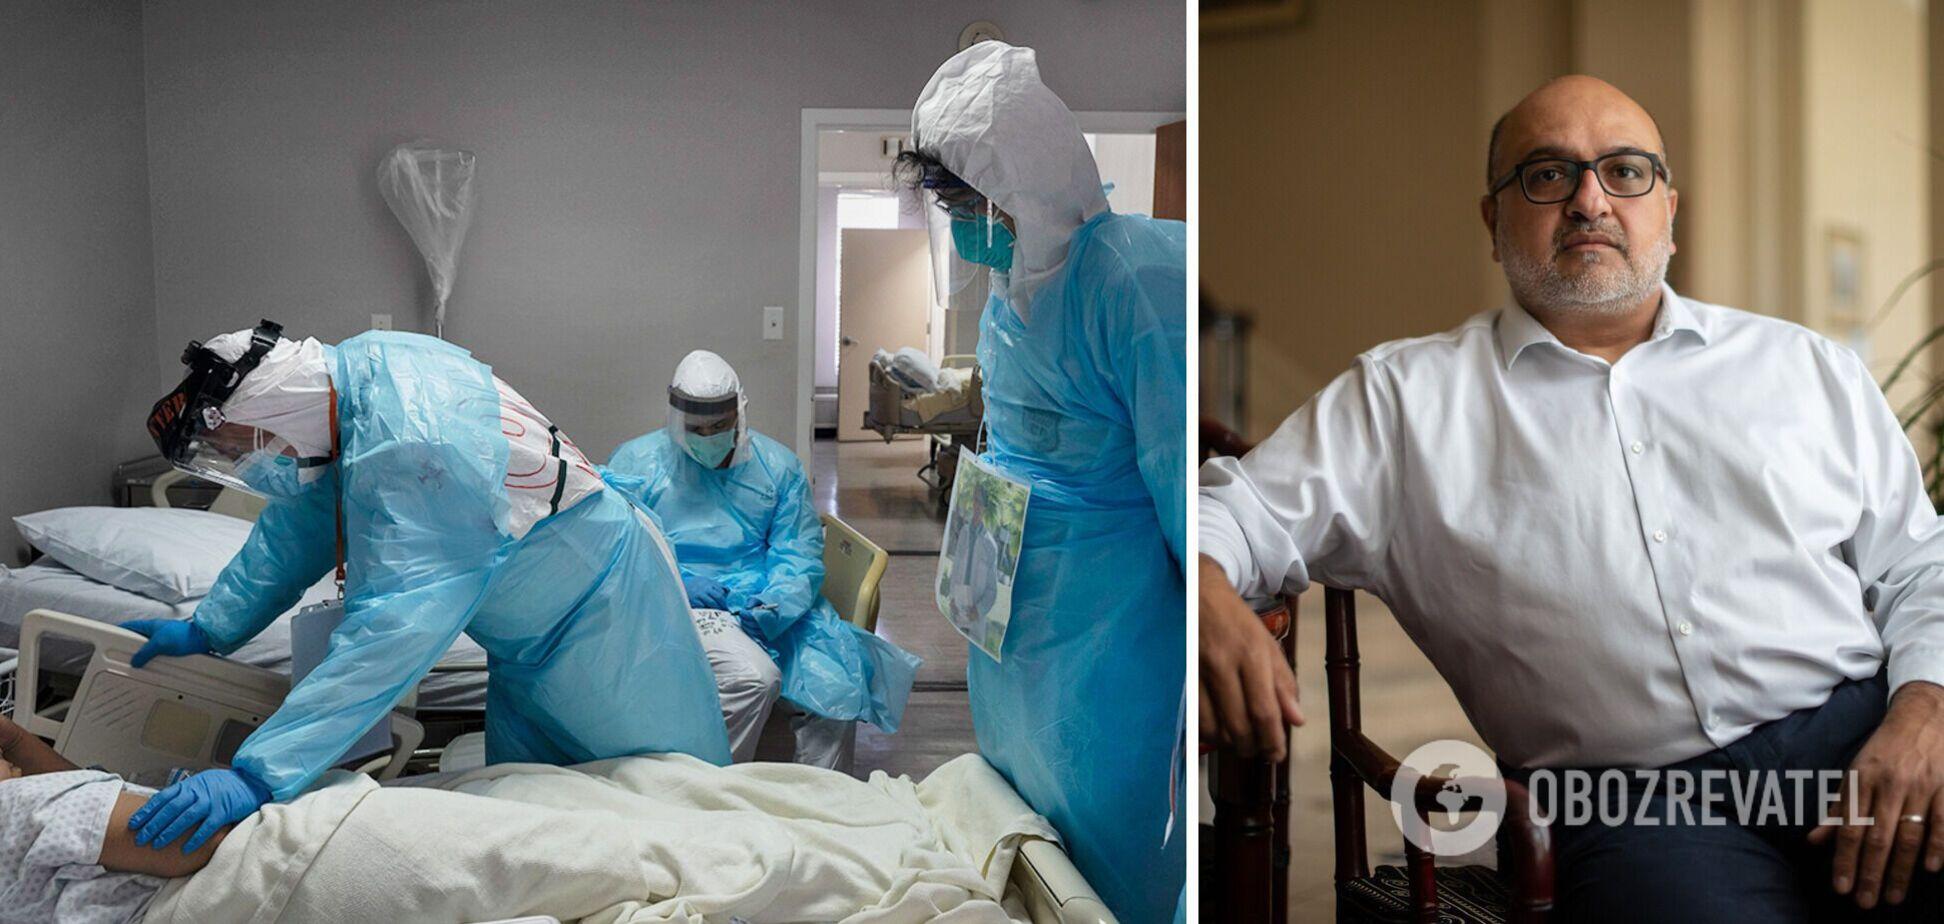 В США врач вколол вакцину, срок которой истекал, знакомым и жене: его уволили